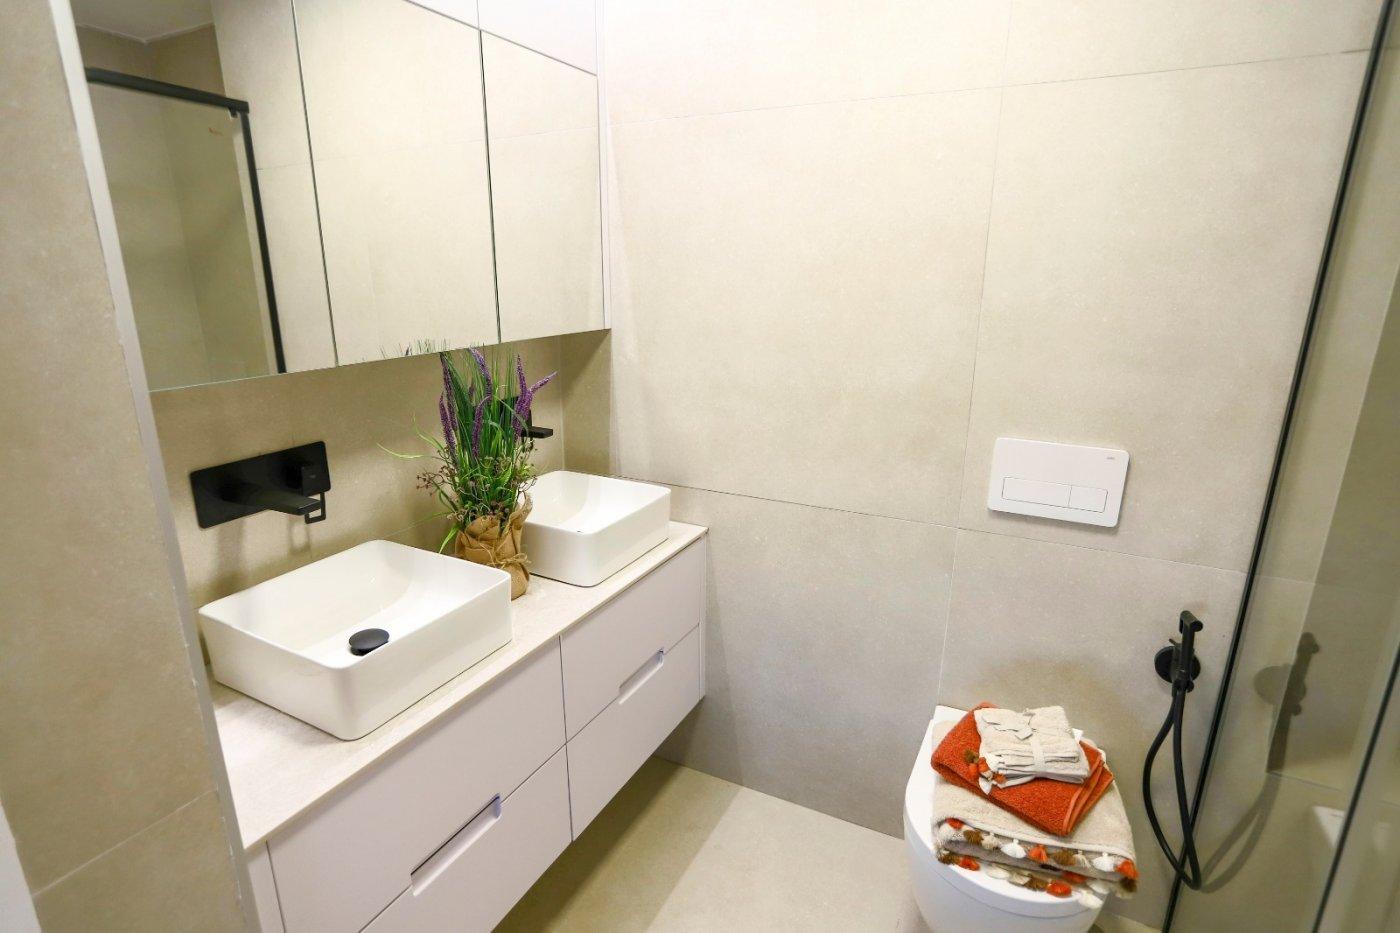 Apartamento moderno en san pedro del pinatar - imagenInmueble15